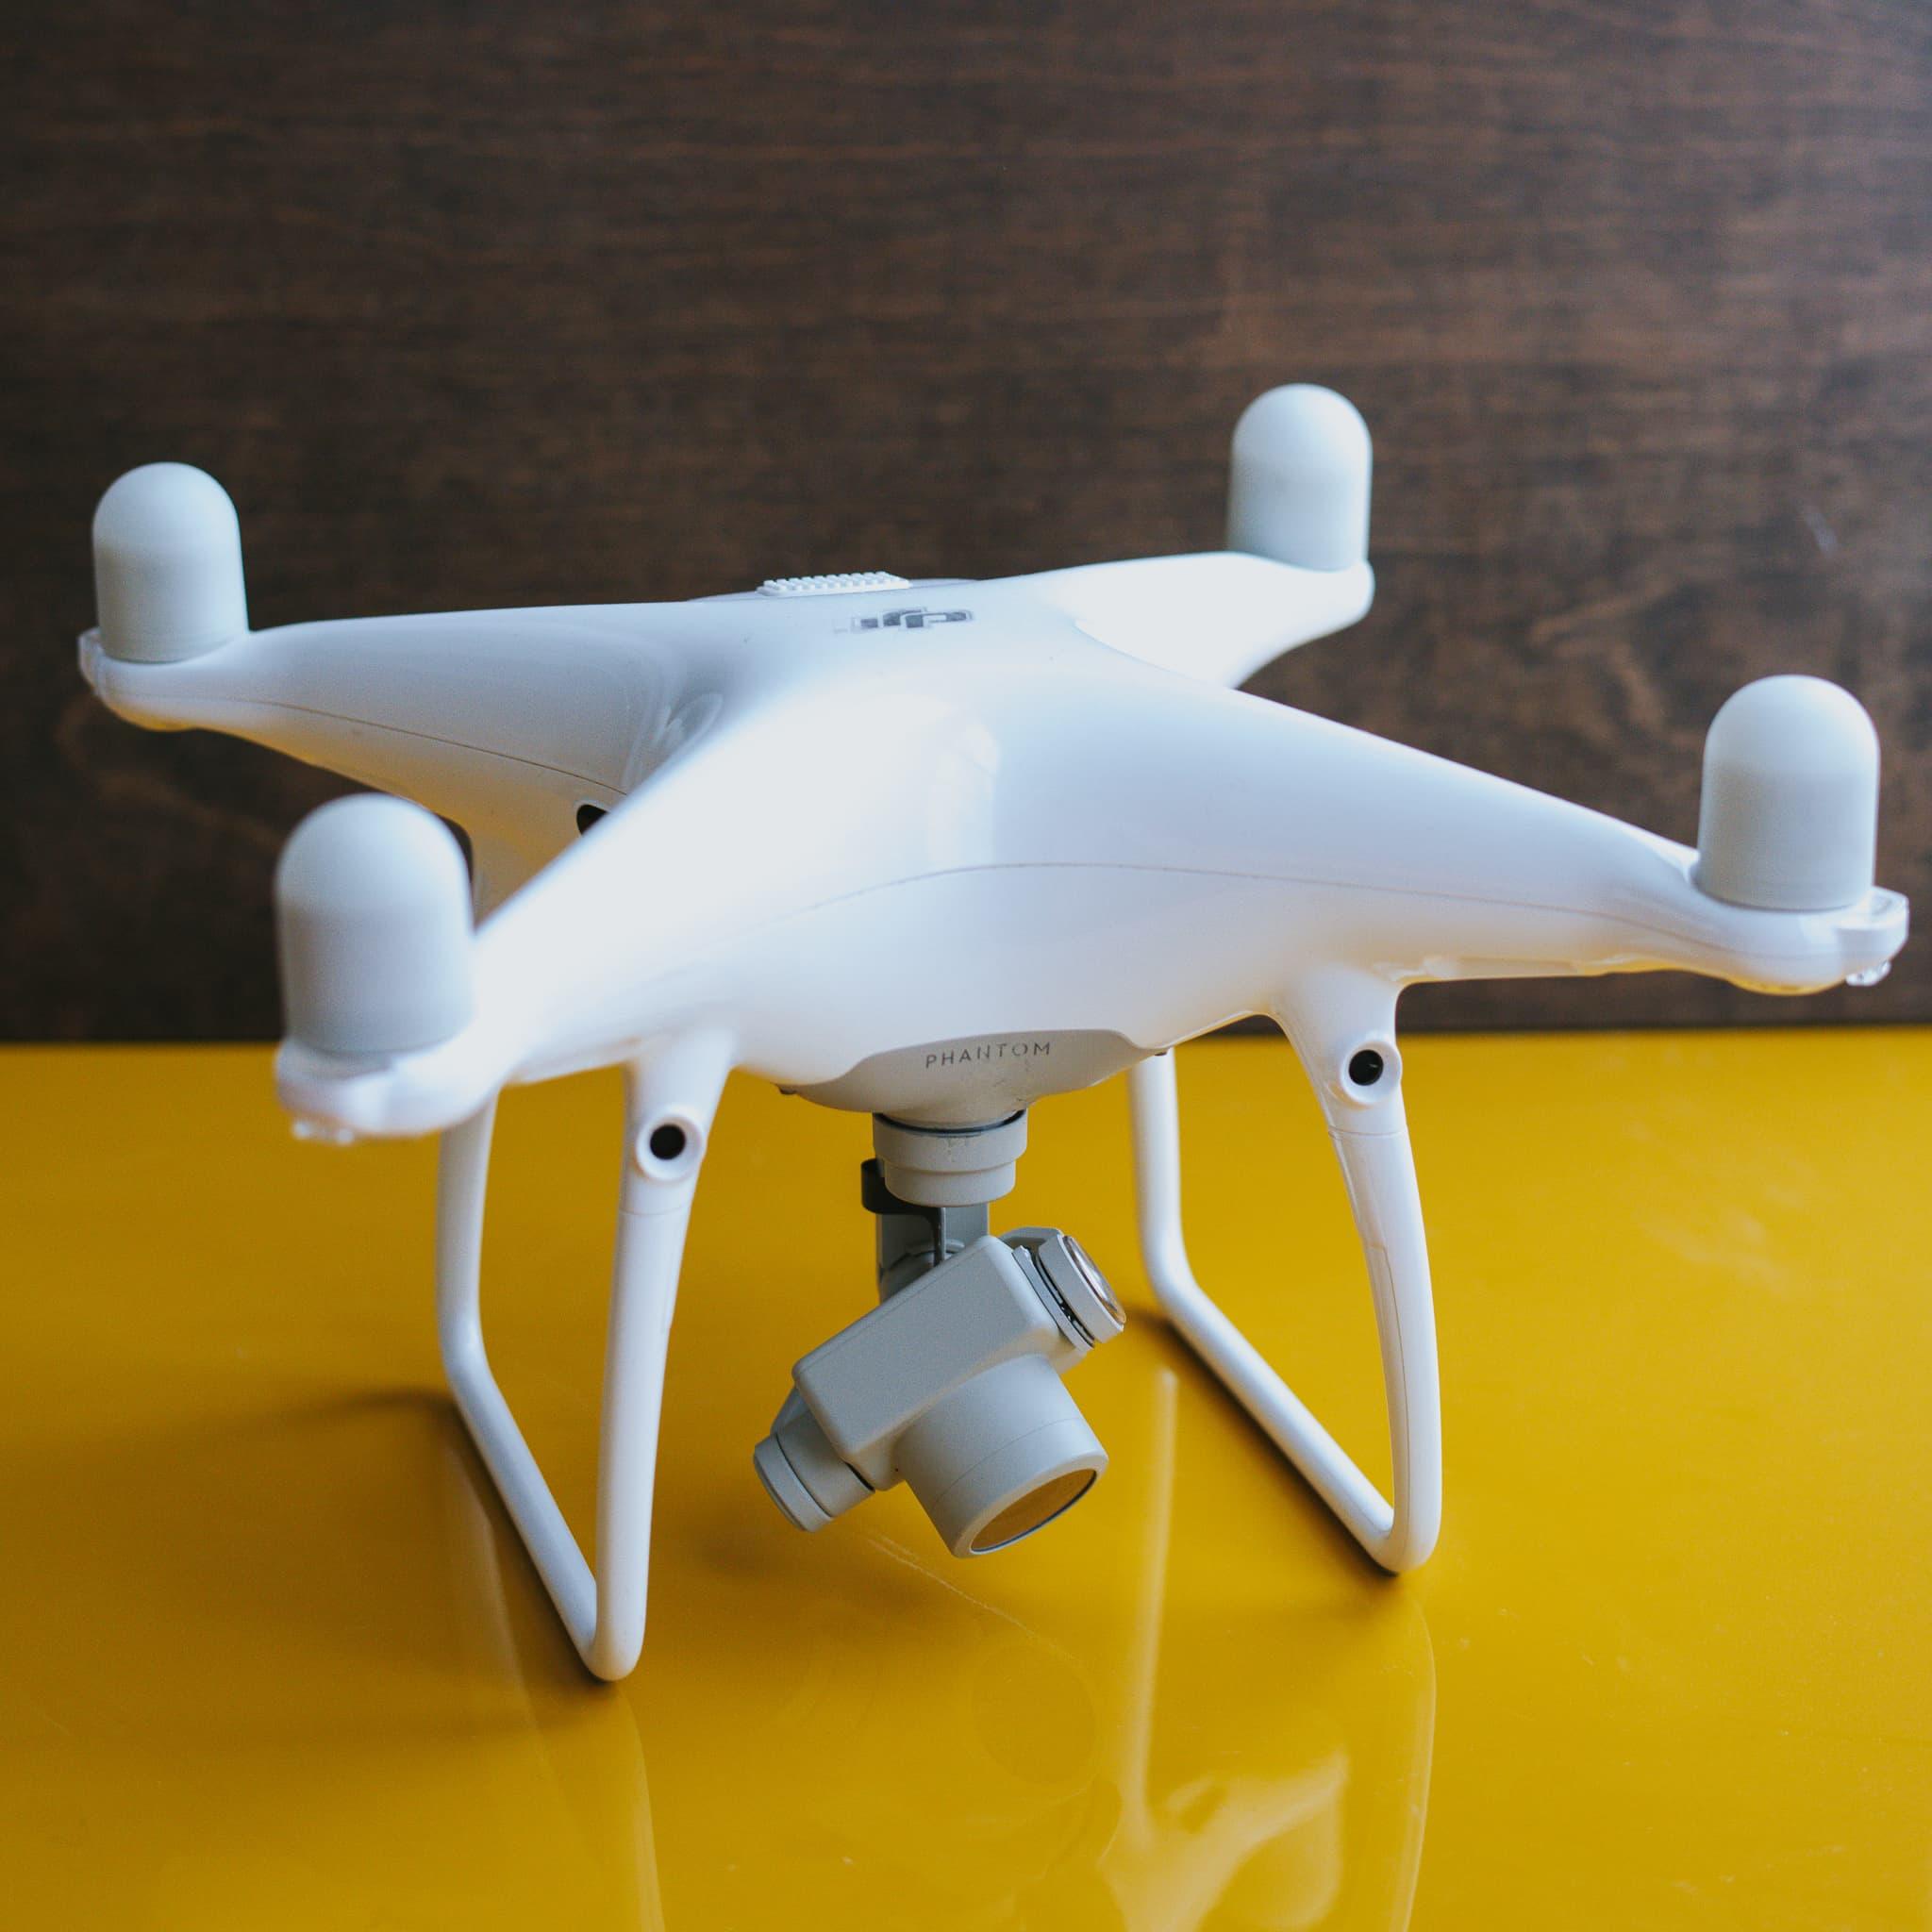 dji phantom 4 pro drone light painting